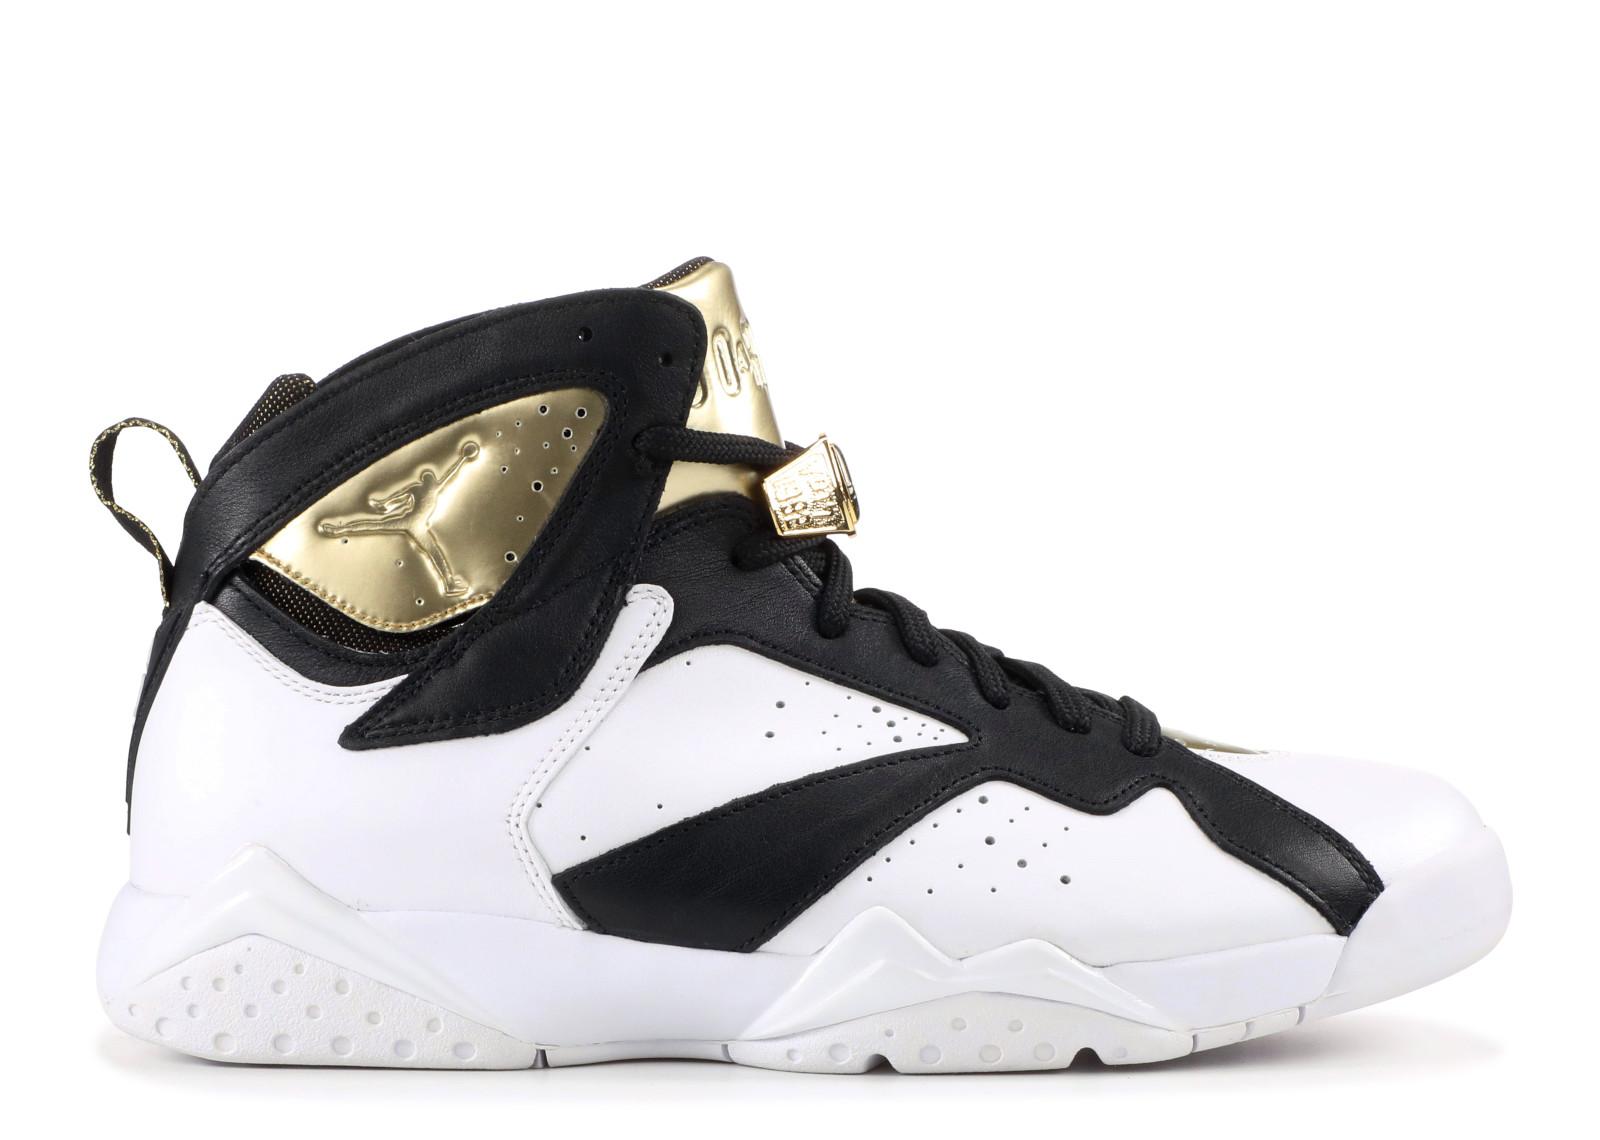 エアー ジョーダン レトロ シャンパン C&C メンズ 男性用 靴 メンズ靴 スニーカー 【 AIR JORDAN 7 RETRO CHAMPAGNE WHITE METALLIC GOLDBLACK 】